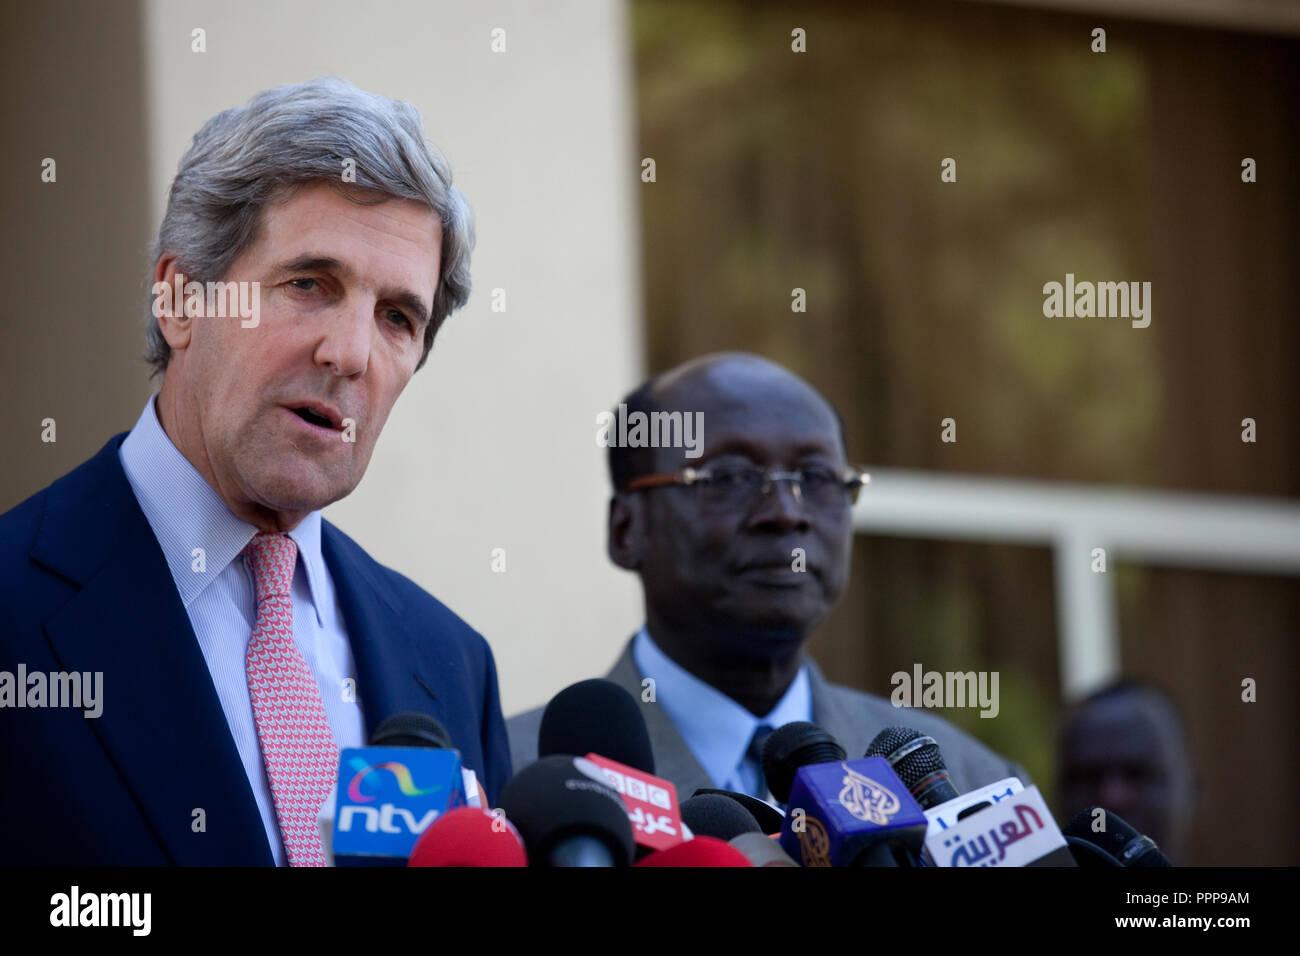 Enero 8, 2011 - Juba, Sudán - El senador estadounidense John Kerry habla a los reporteros después de su reunión con el Presidente Salva Kiir del sur de Sudán en Juba, en el sur de Sudán. Sudán meridional comienza una semana de votación en un referéndum de independencia el domingo que es probable que el país más grande de África se dividió en dos. Para que el referéndum para aprobar, una simple mayoría debe votar a favor de la independencia y el 60 por ciento de los 3.9 millones de votantes registrados deben votar. Crédito de la foto: Benedicte Desrus Foto de stock